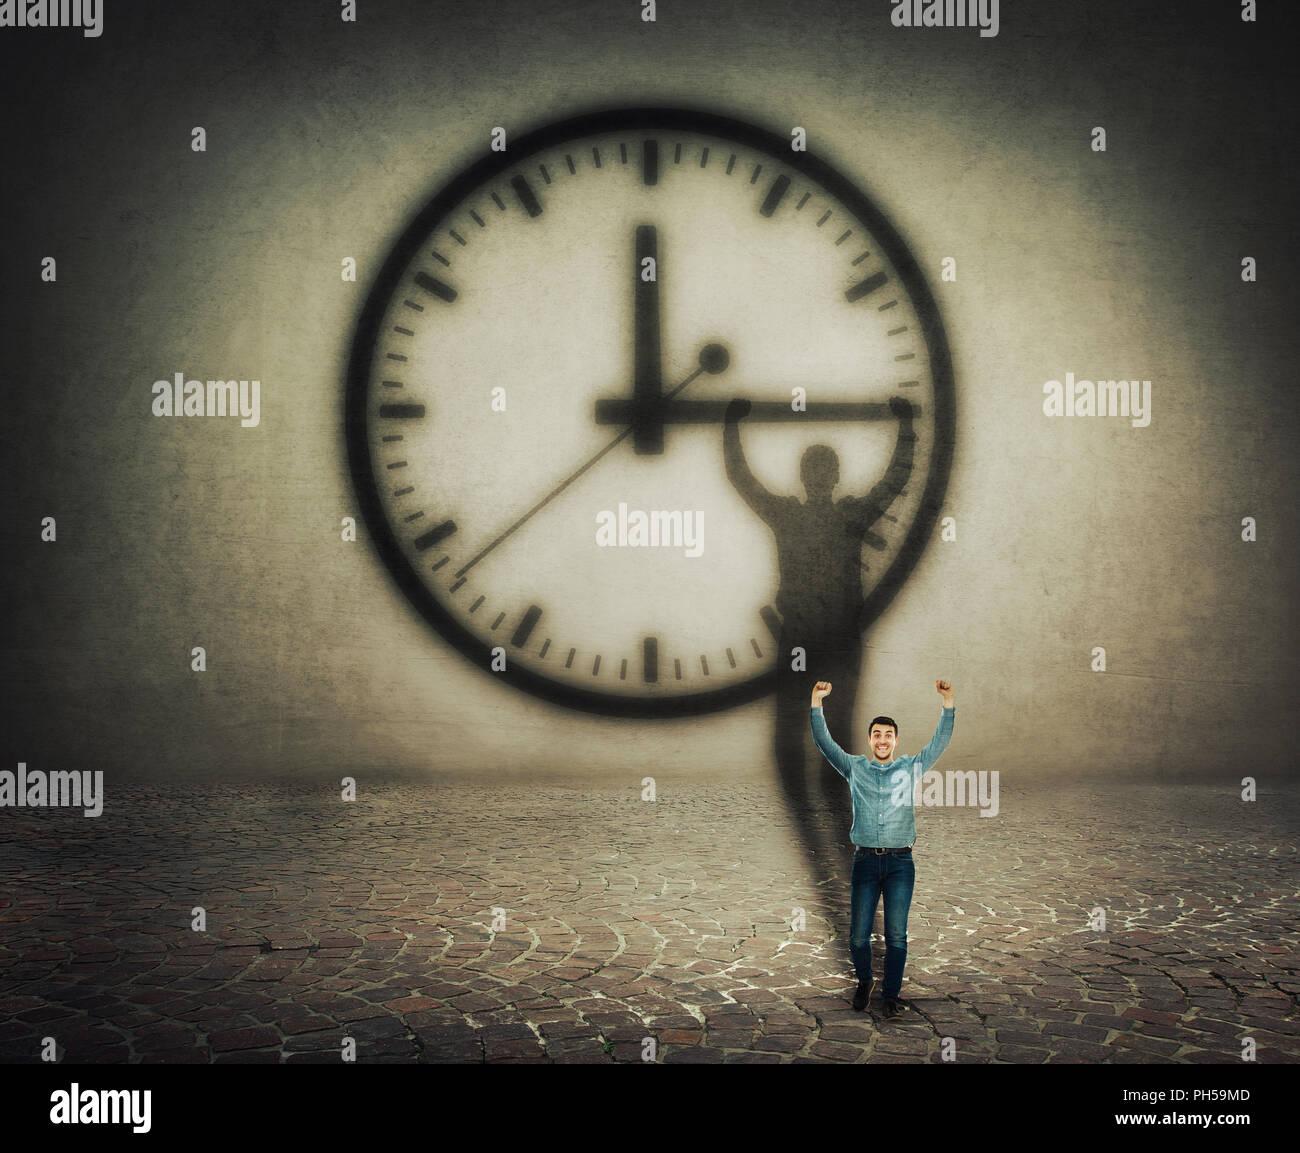 Surreale Bild von einem Geschäftsmann versucht, die Zeit zu stoppen. Wie ein Schatten mit Händen hielt die Uhr Pfeil. Stockbild